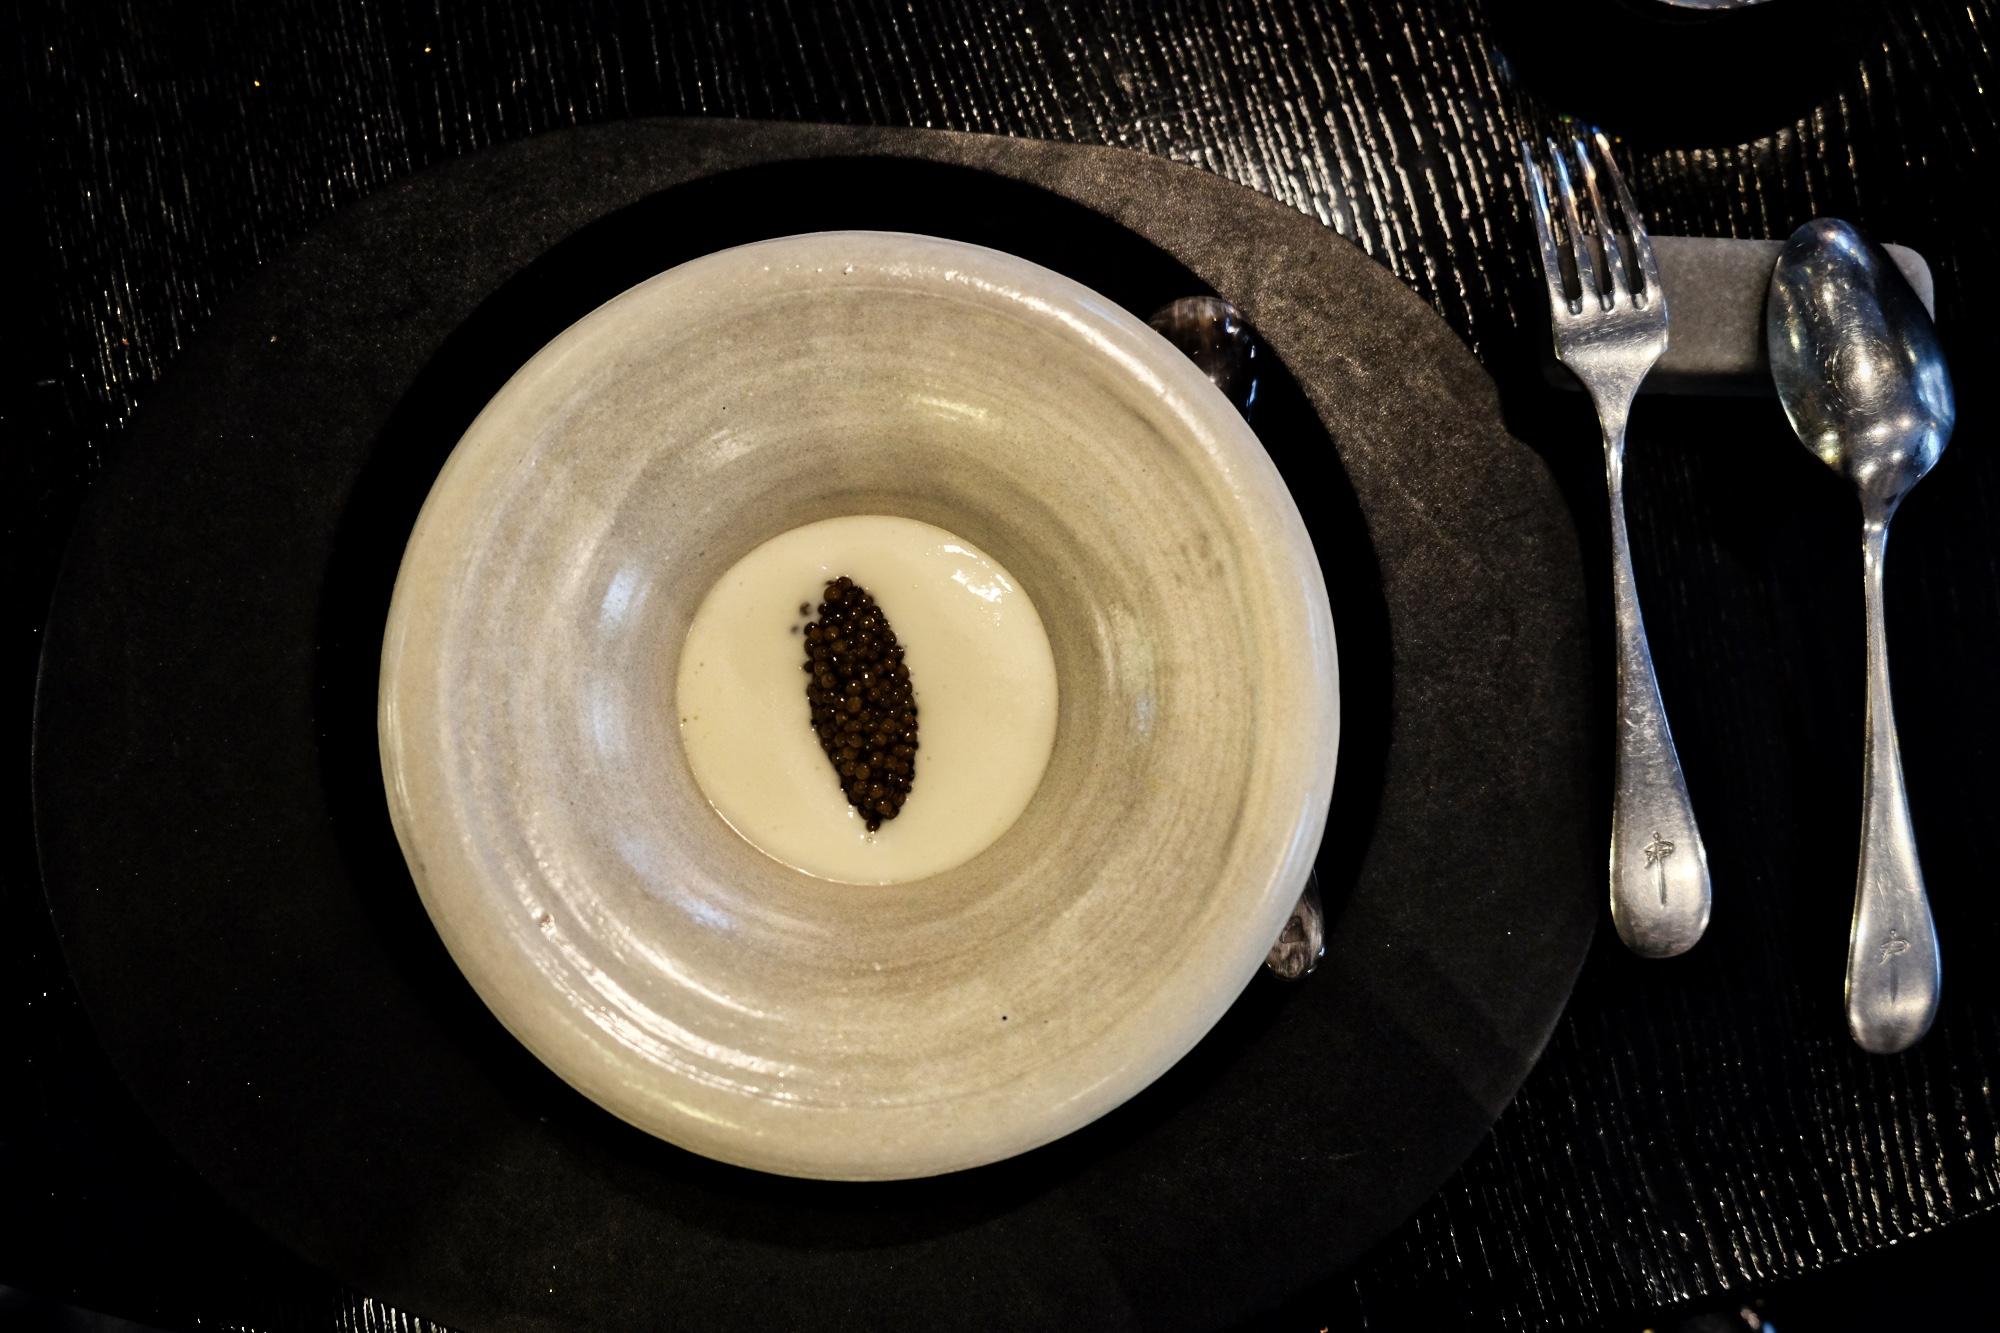 dscf8226_filippou_vienna_michelin_austria_restaurant_vilagevo_jokuti_andras_l.jpeg